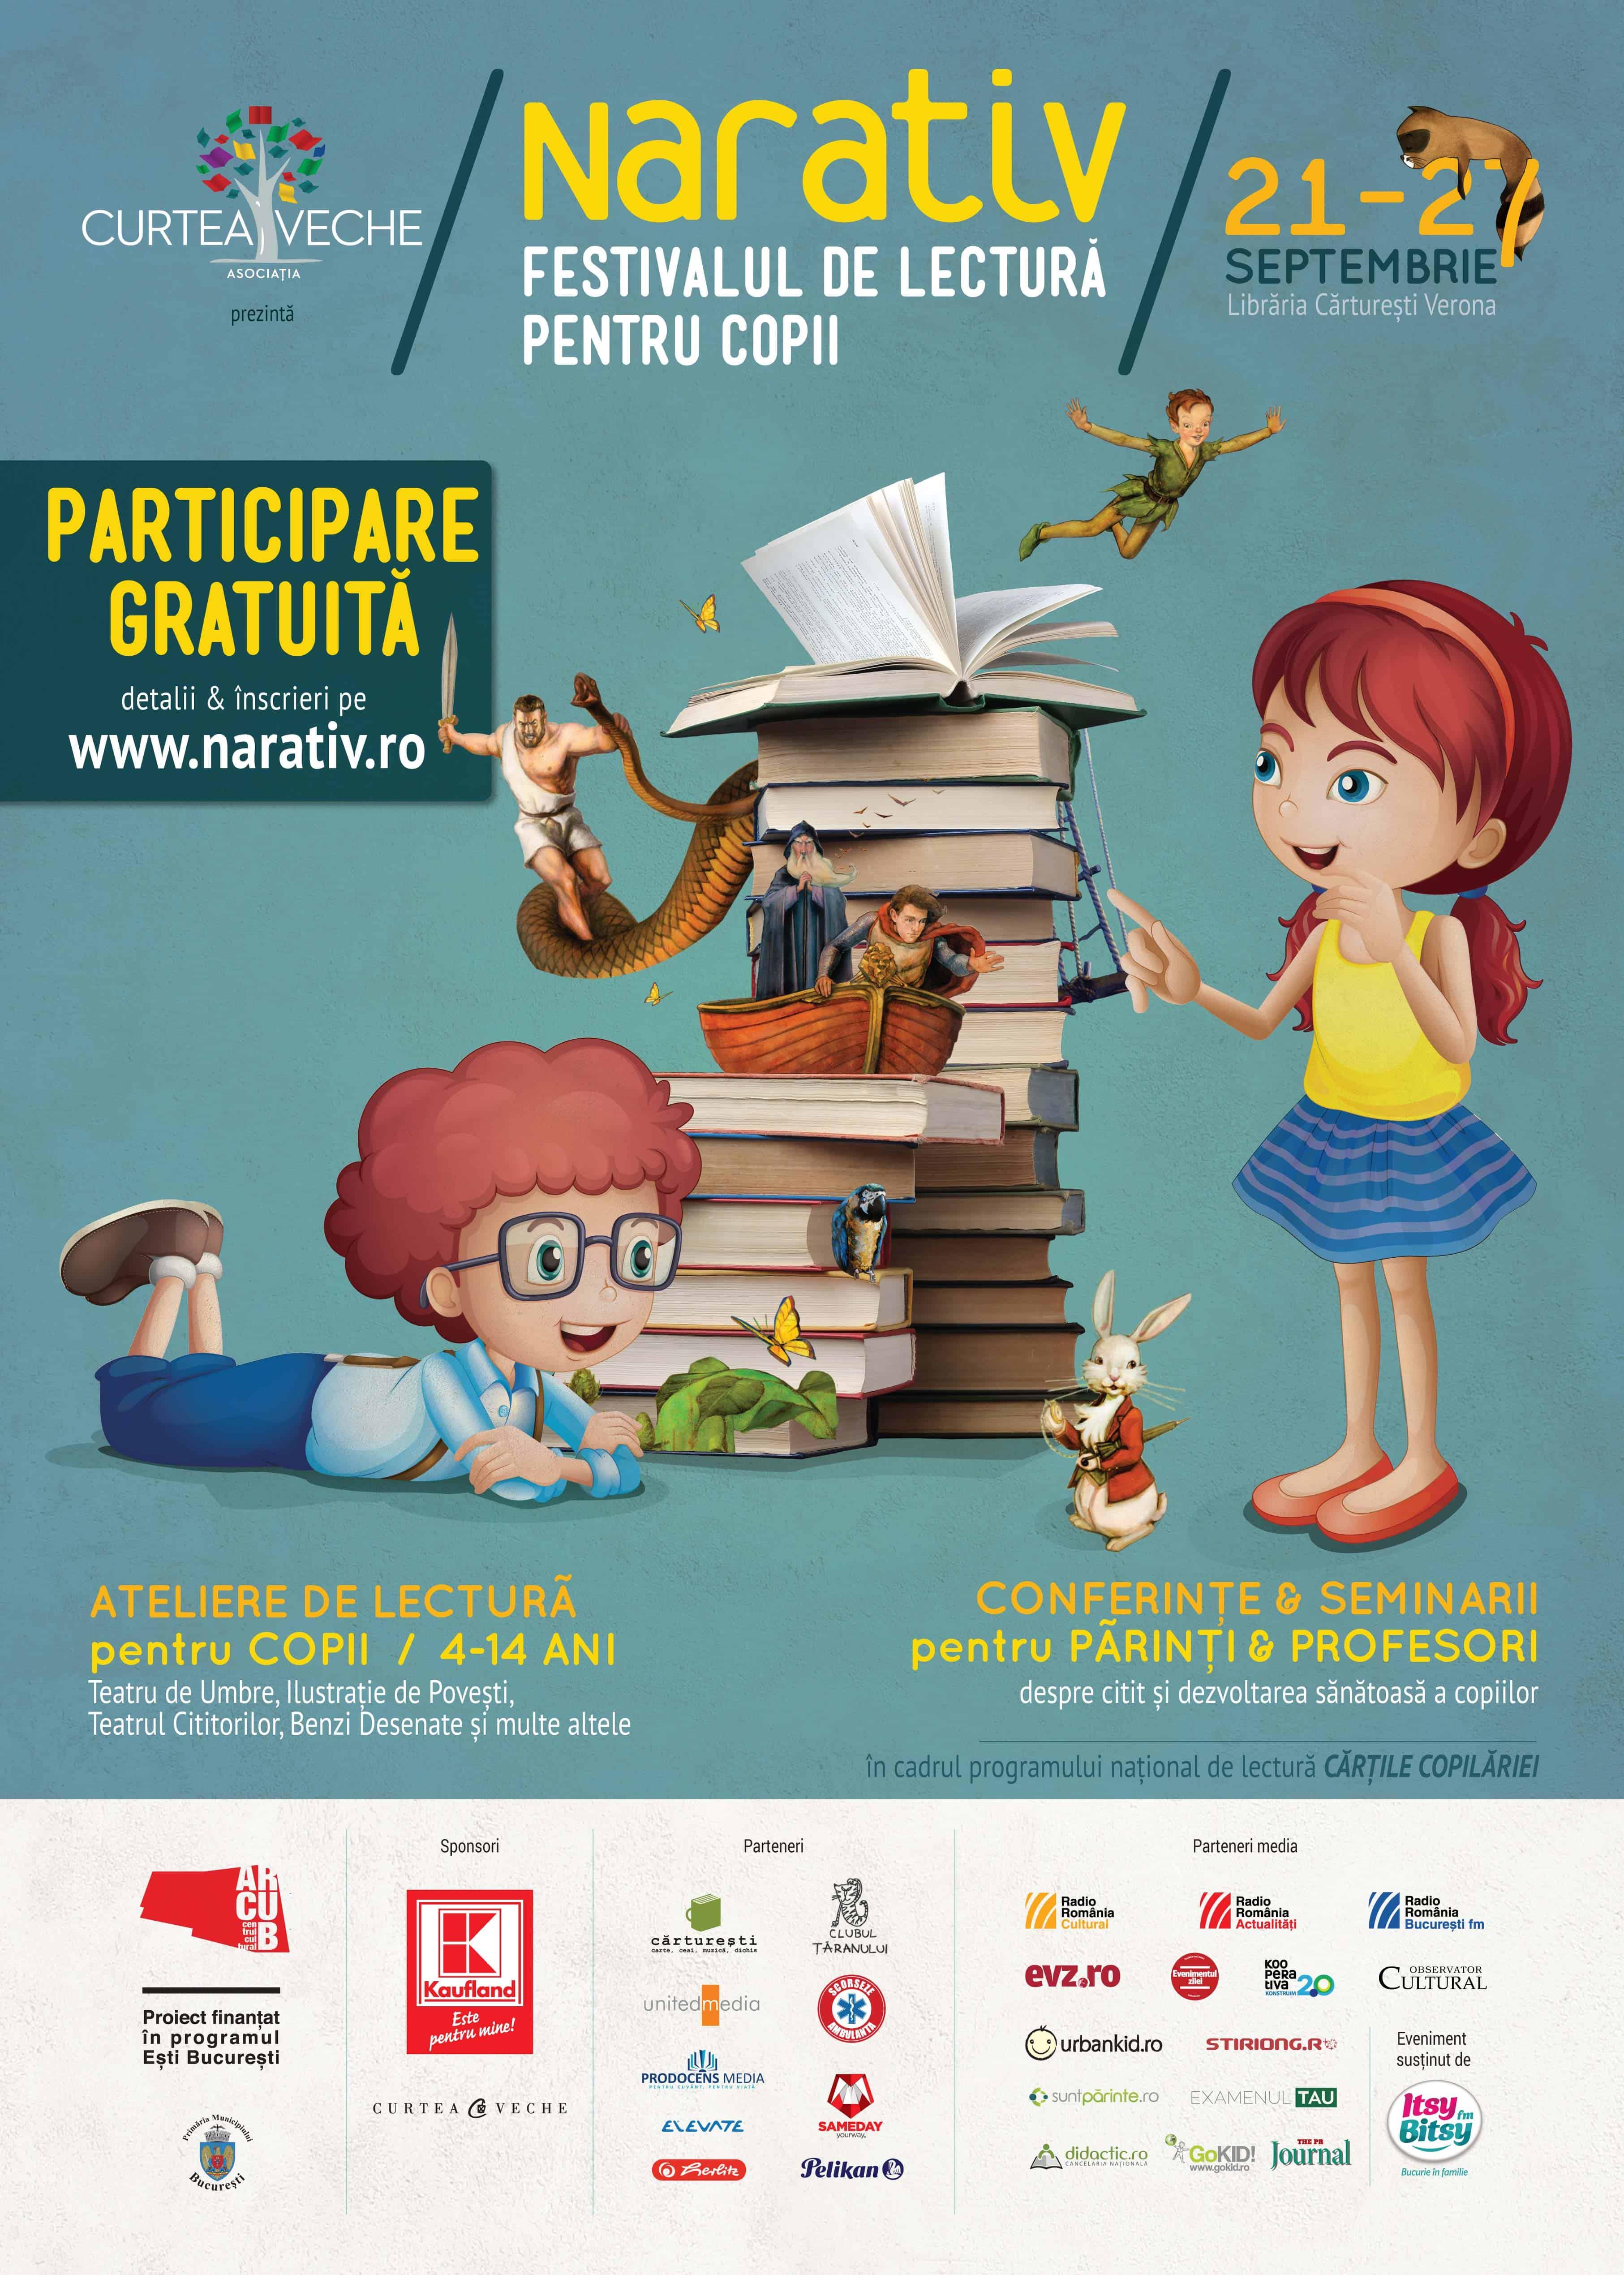 Afis_NARATIV_Festival_de_lectura_pentru_copii_Asociatia_Curtea_Veche